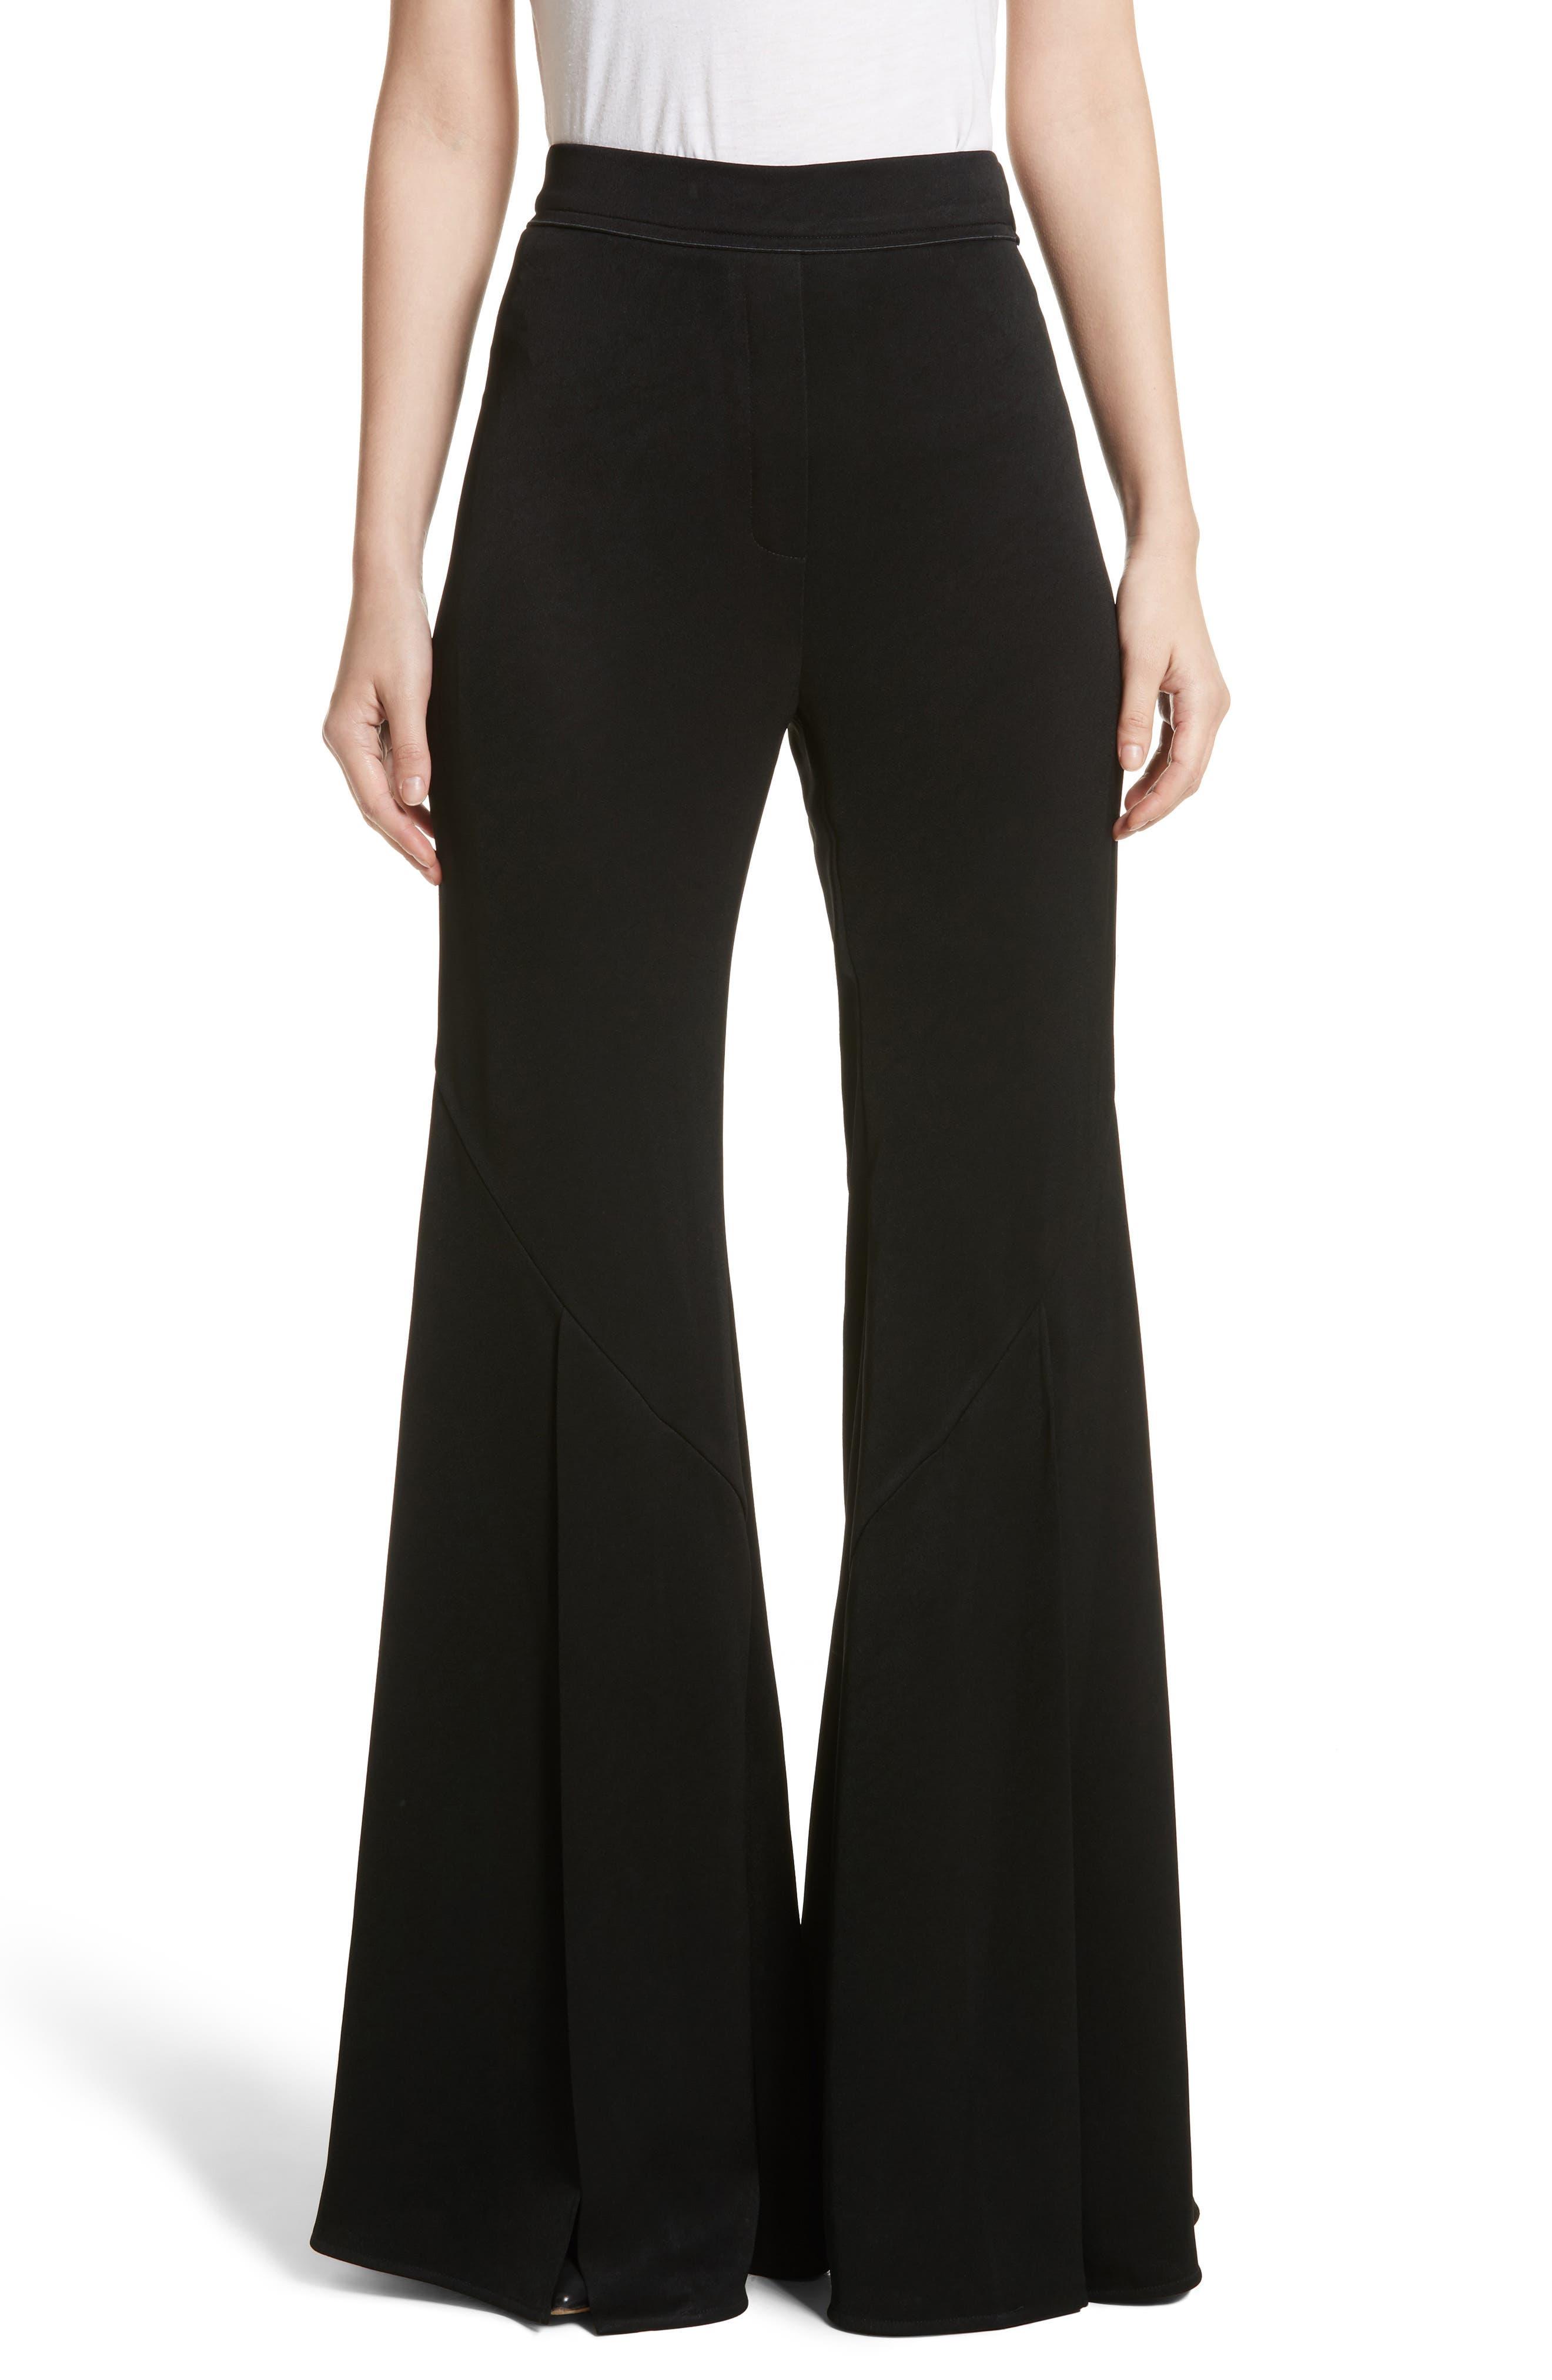 Higher & Higher Wide Flare Leg Pants,                         Main,                         color, Black